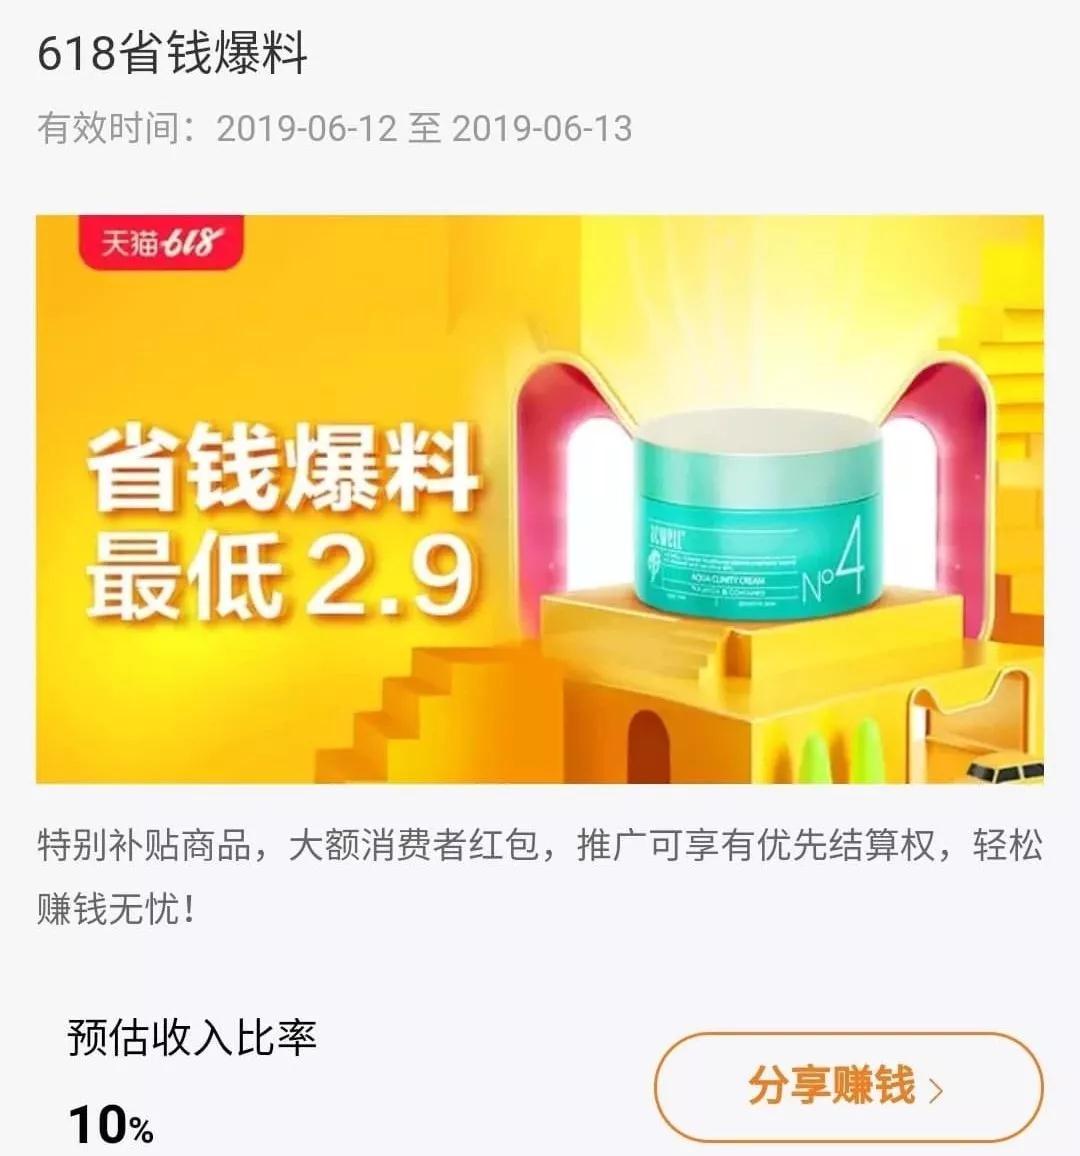 """联盟""""618省钱爆料""""1元购超级补贴限量发放;头条系产品整体MAU已超10亿"""